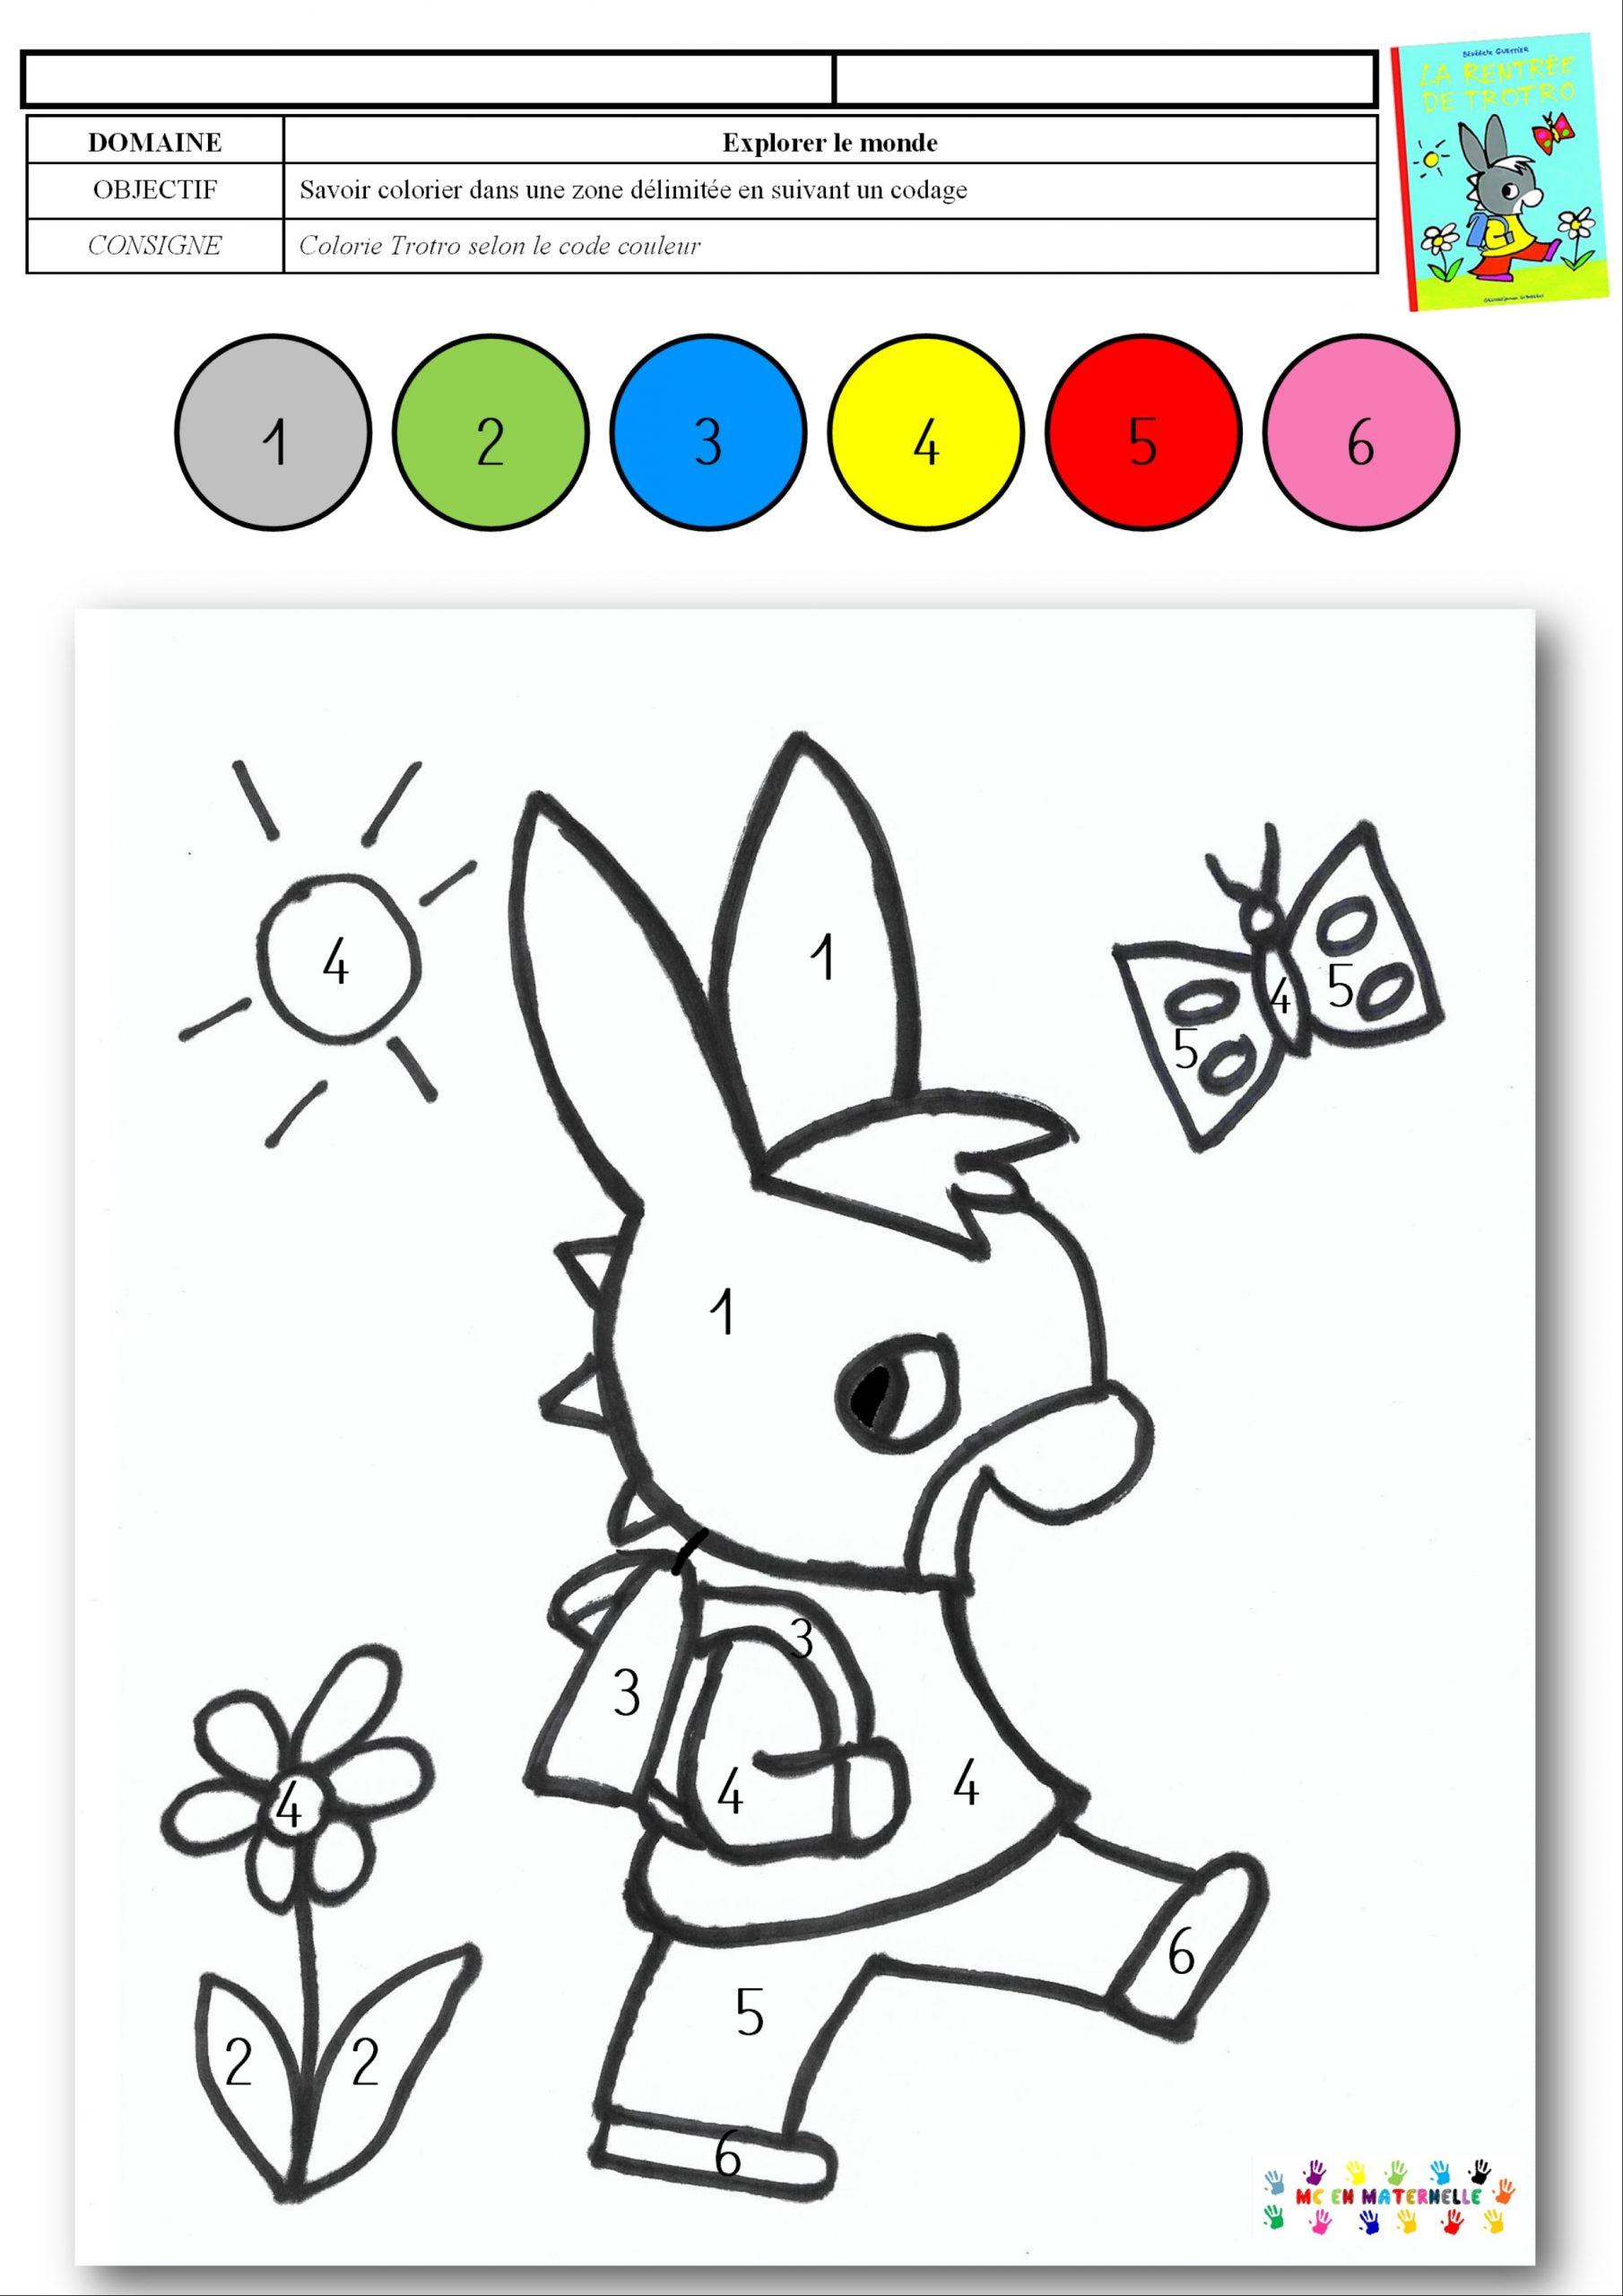 La Rentrée De Trotro : Coloriage Magique – Mc En Maternelle à Coloriage Codé Maternelle